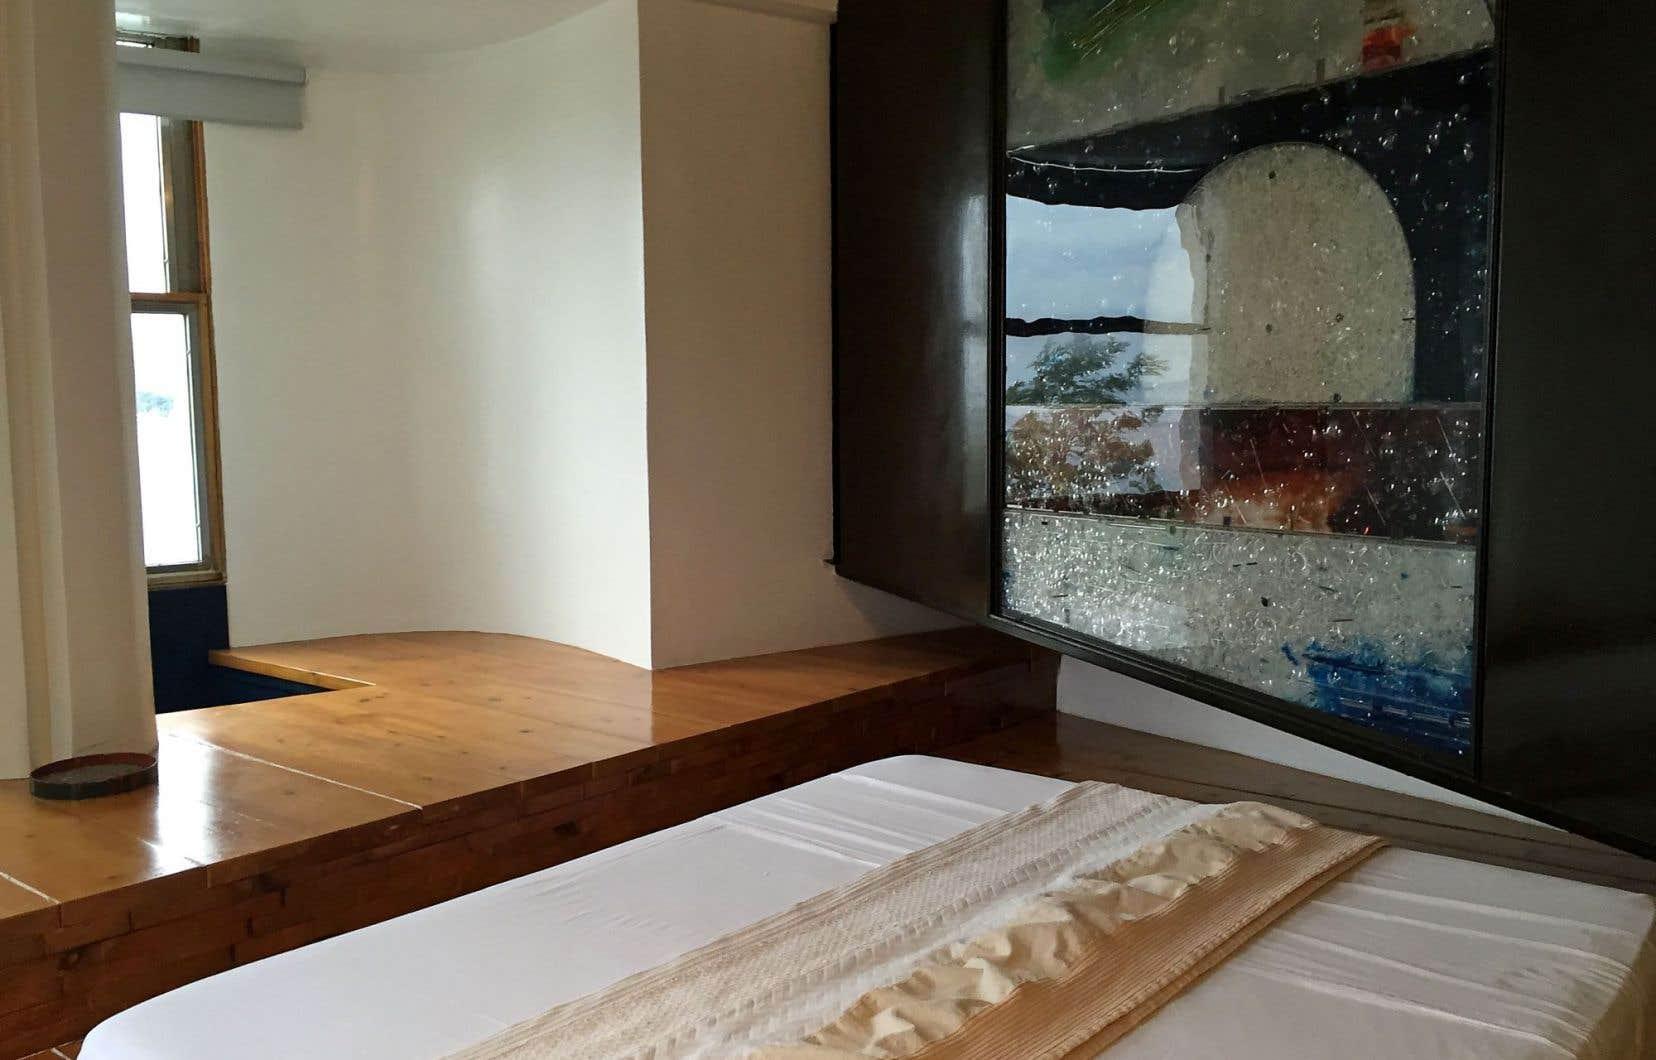 À l'hôtel Atelier sul mare, la chambre «Linea d'ombra» évoque la ligne d'horizon. Créée par Michele Canzonieri, elle est bâtie autour du thème de la mer.